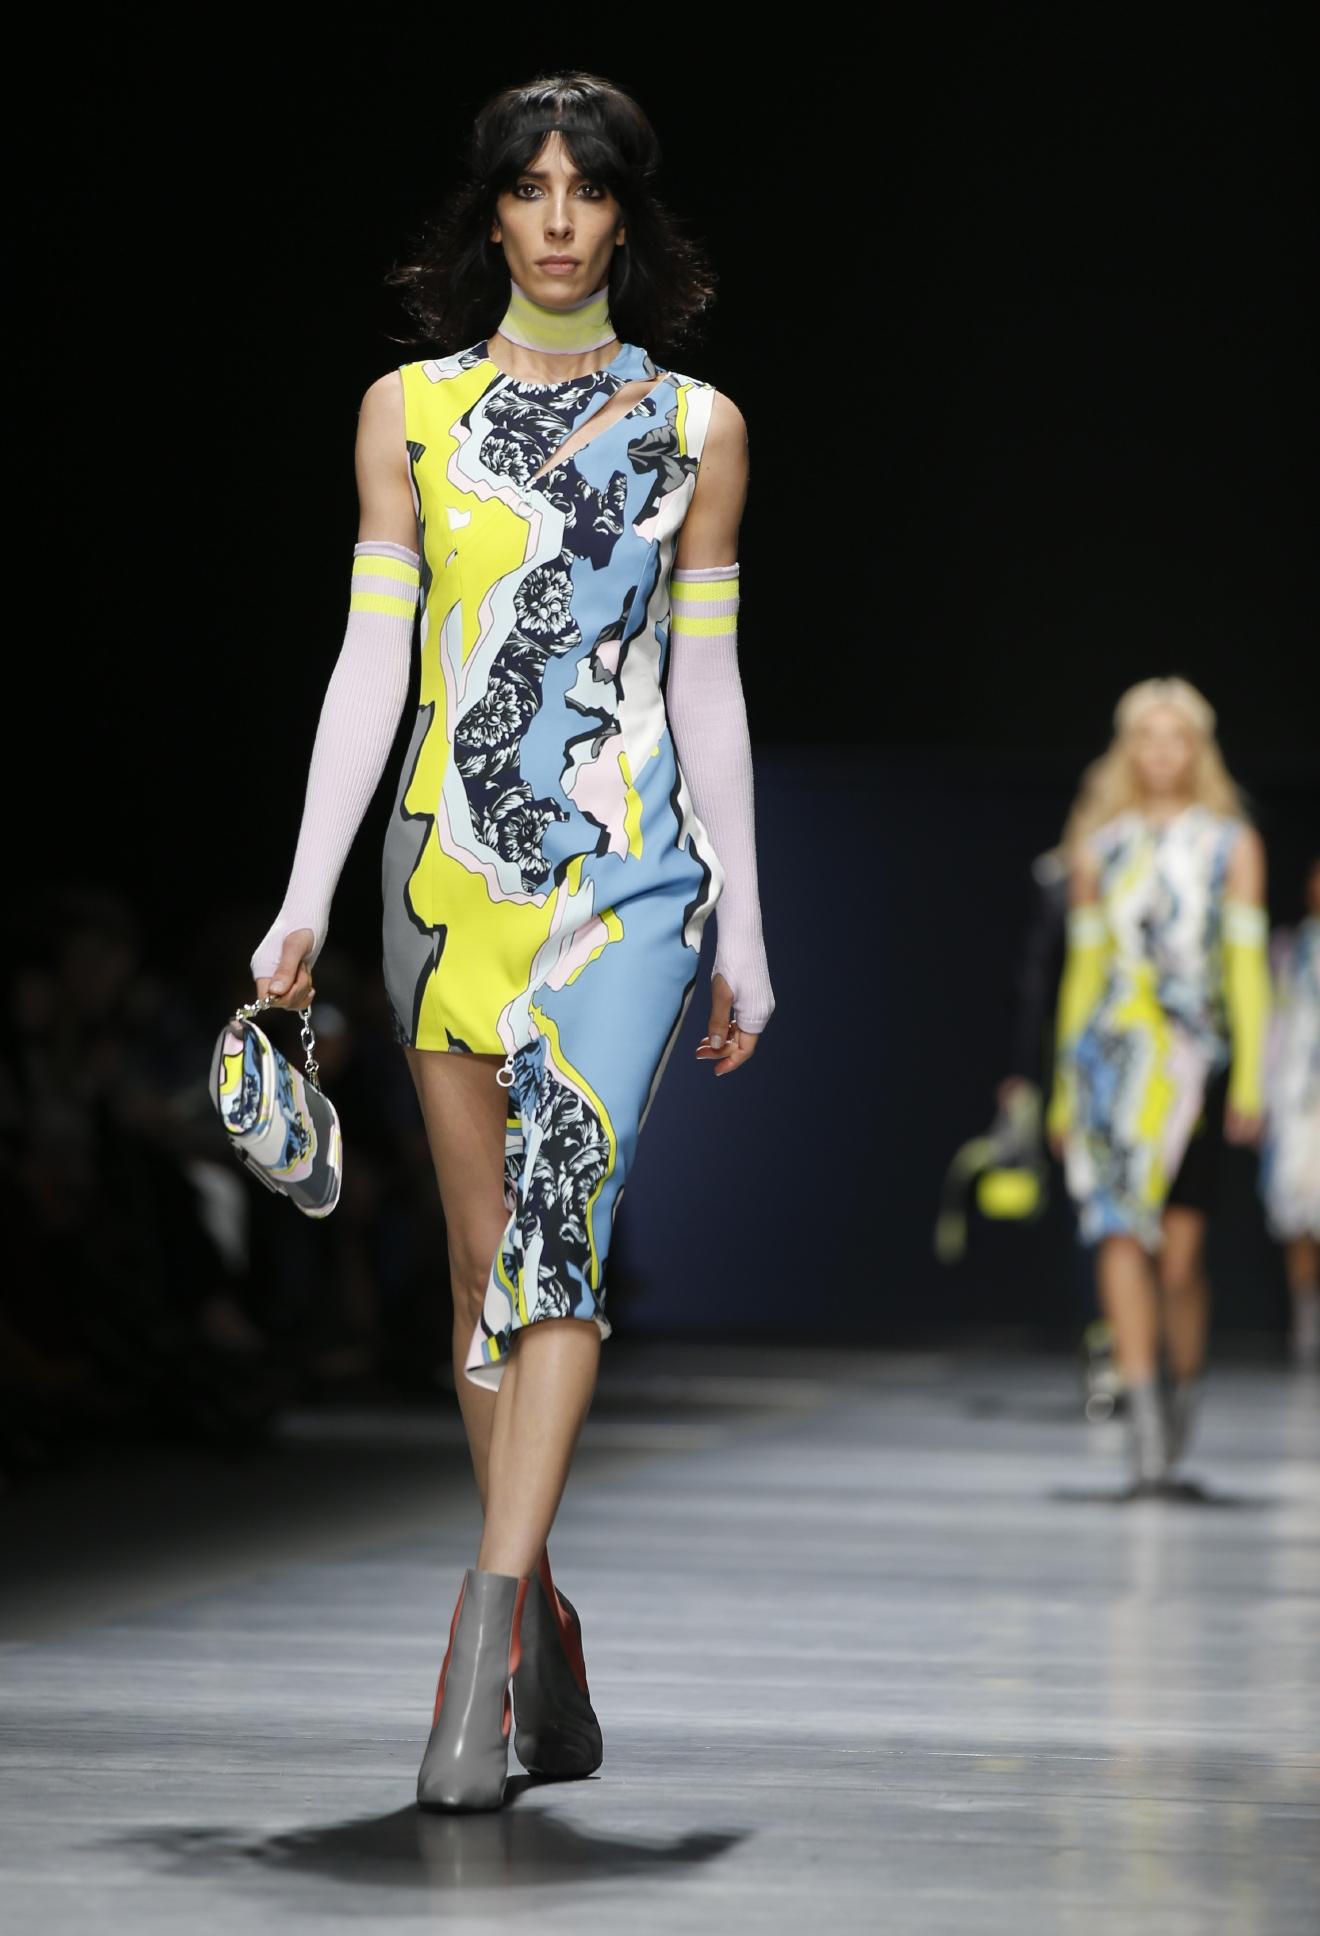 Gallery Bright Eyewear Color At Milan Fashion Week Wjla